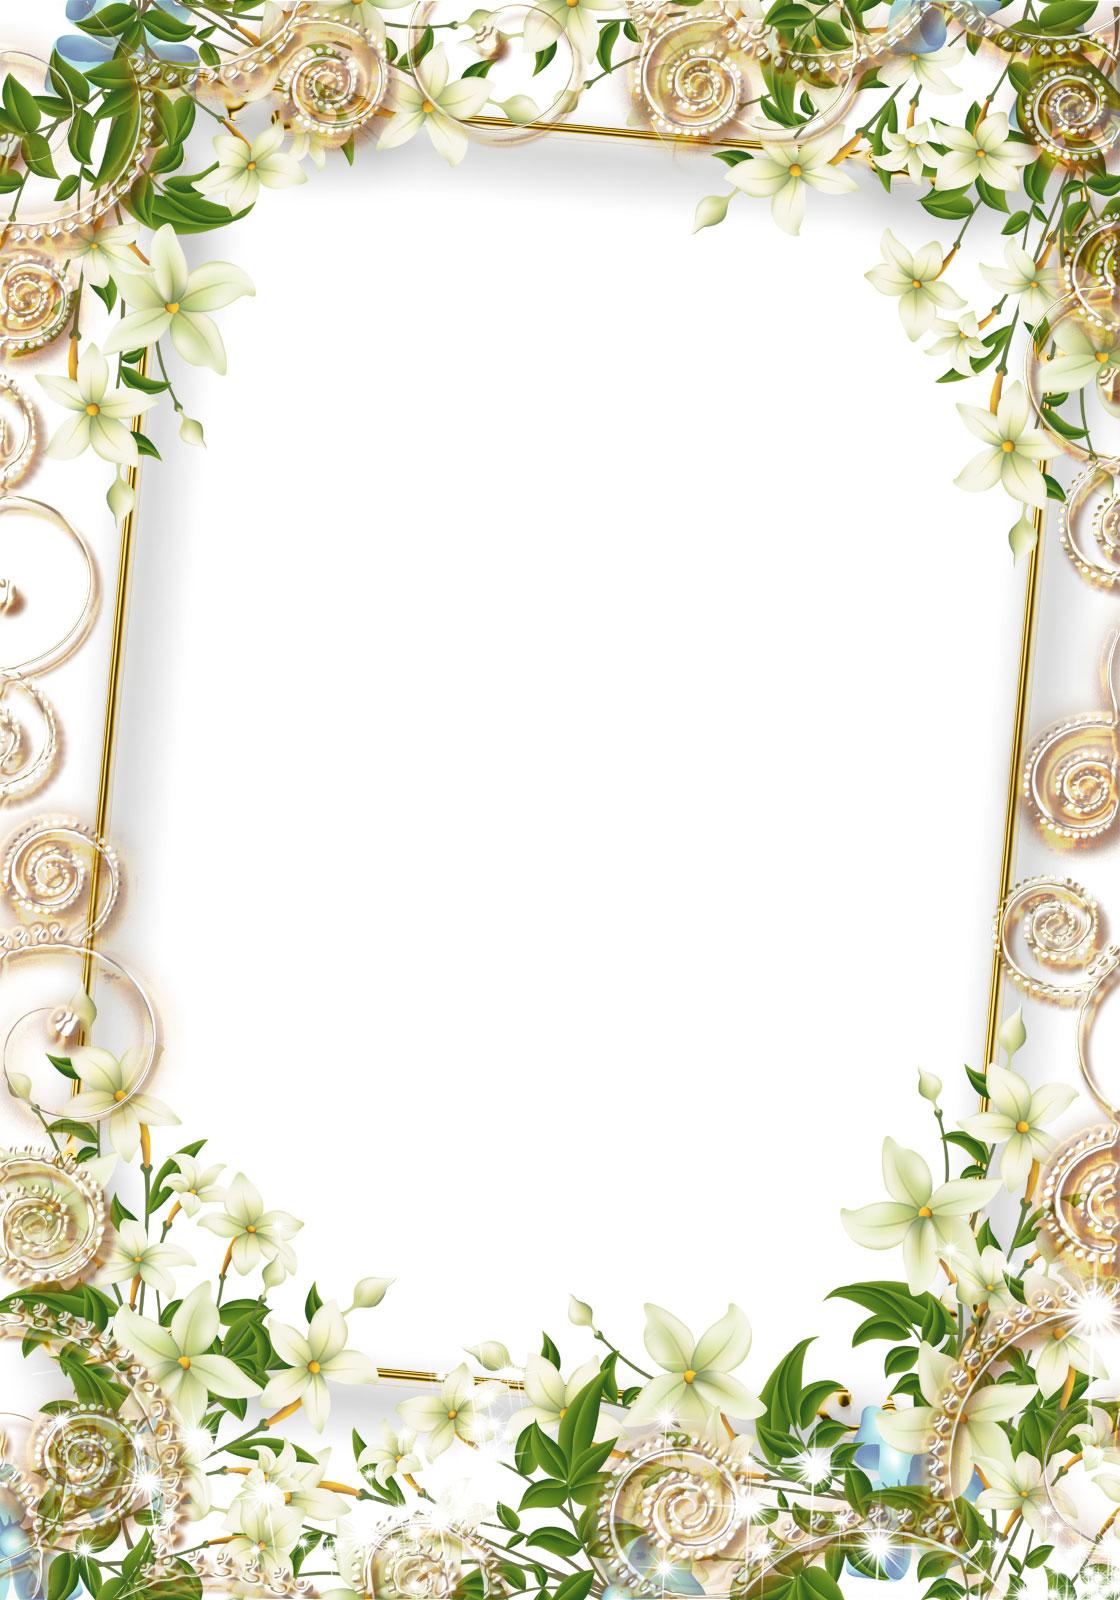 花や葉の写真・画像・フリー ... : 無料 写真フレーム : 無料